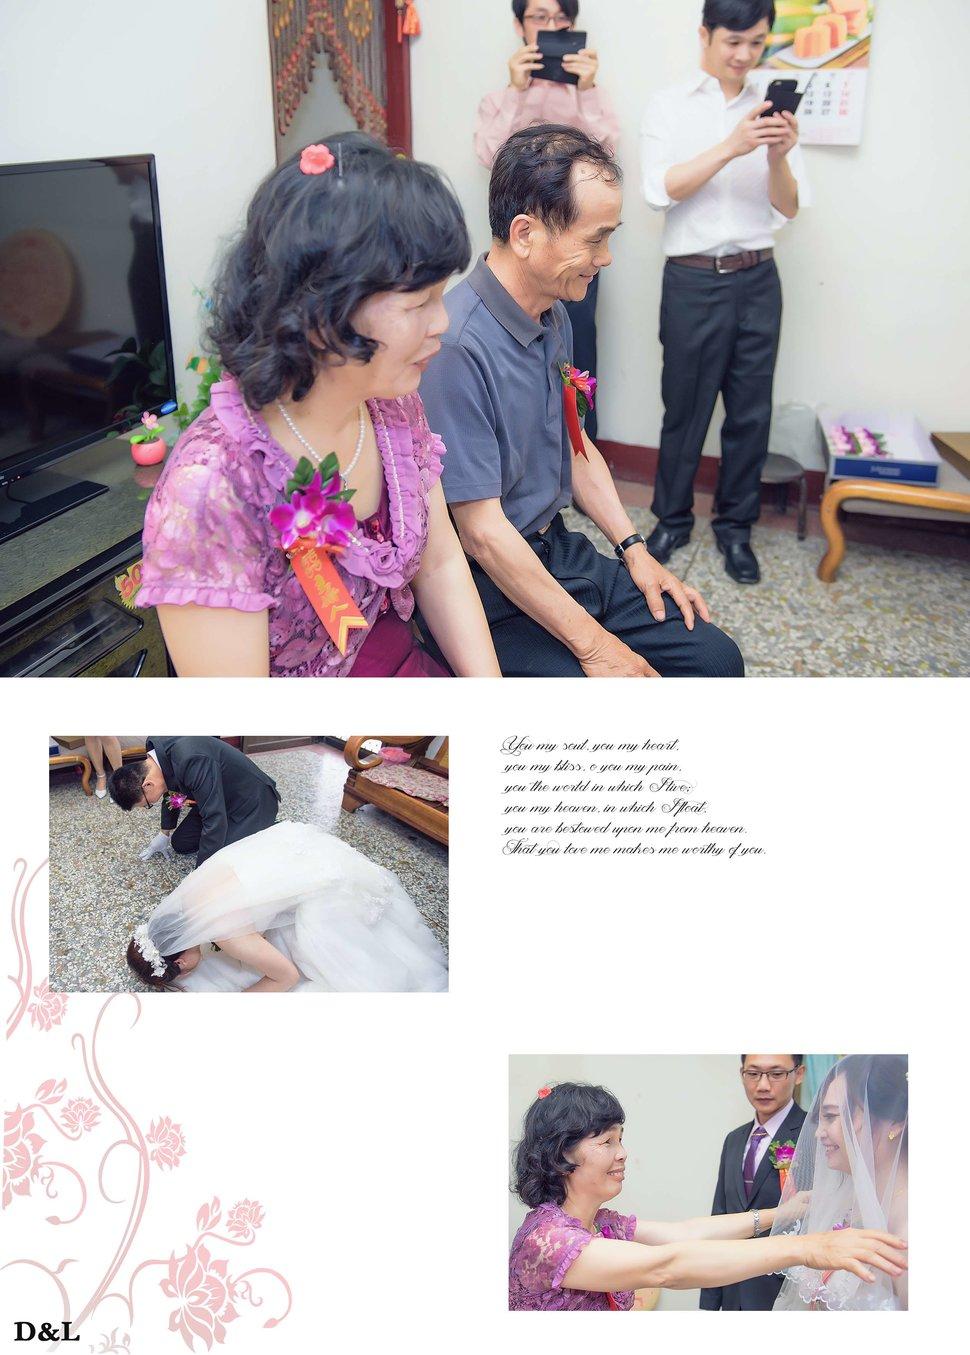 台中婚攝 婚禮記錄 錦全&昀臻-大和屋國際美食館大里(編號:6094) - D&L 婚禮事務-婚紗攝影/婚禮記錄 - 結婚吧